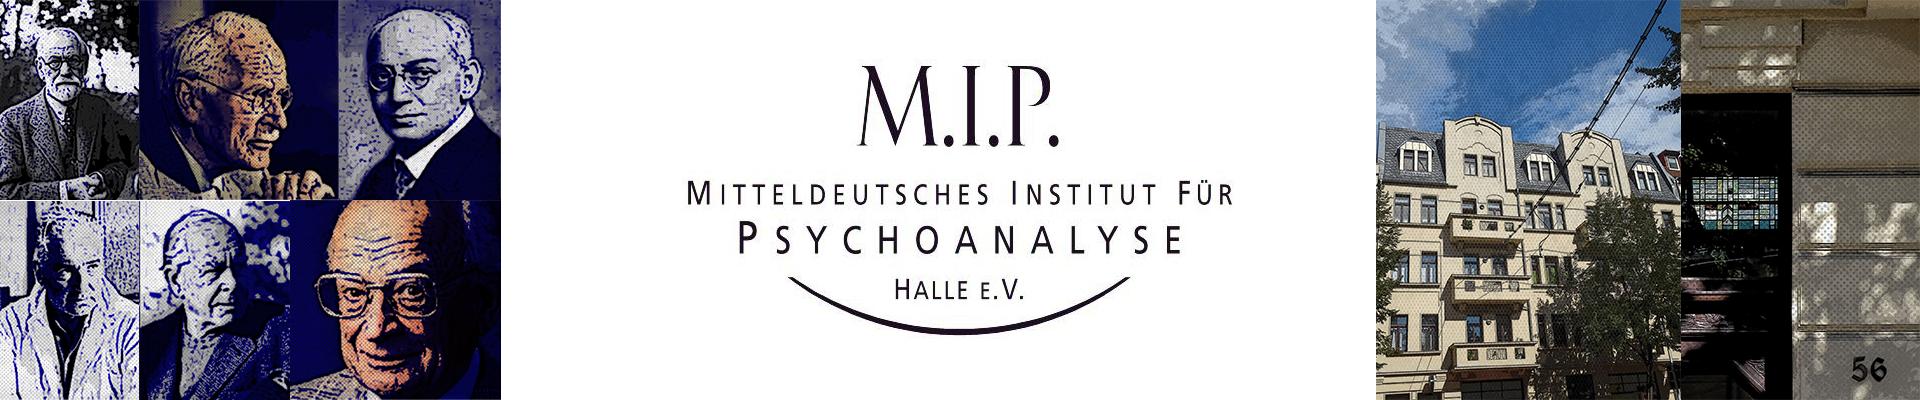 Logo des MIP